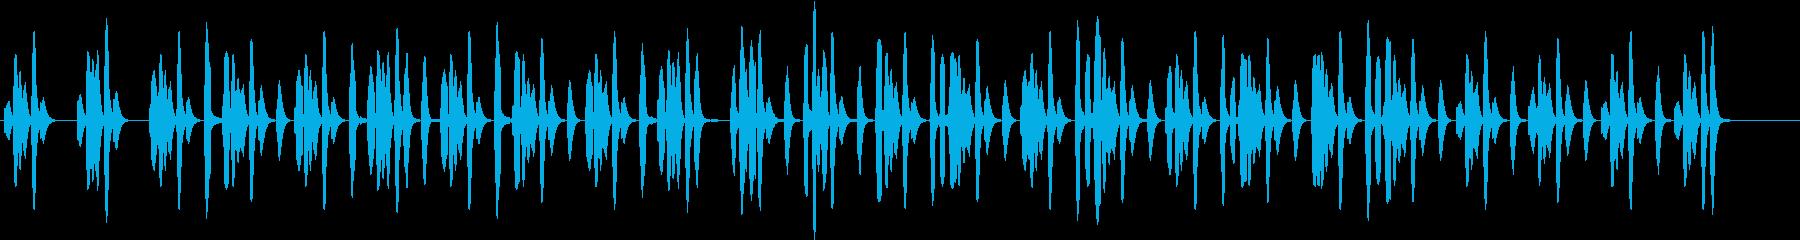 コミカルな場面で使えそうなリコーダーの曲の再生済みの波形